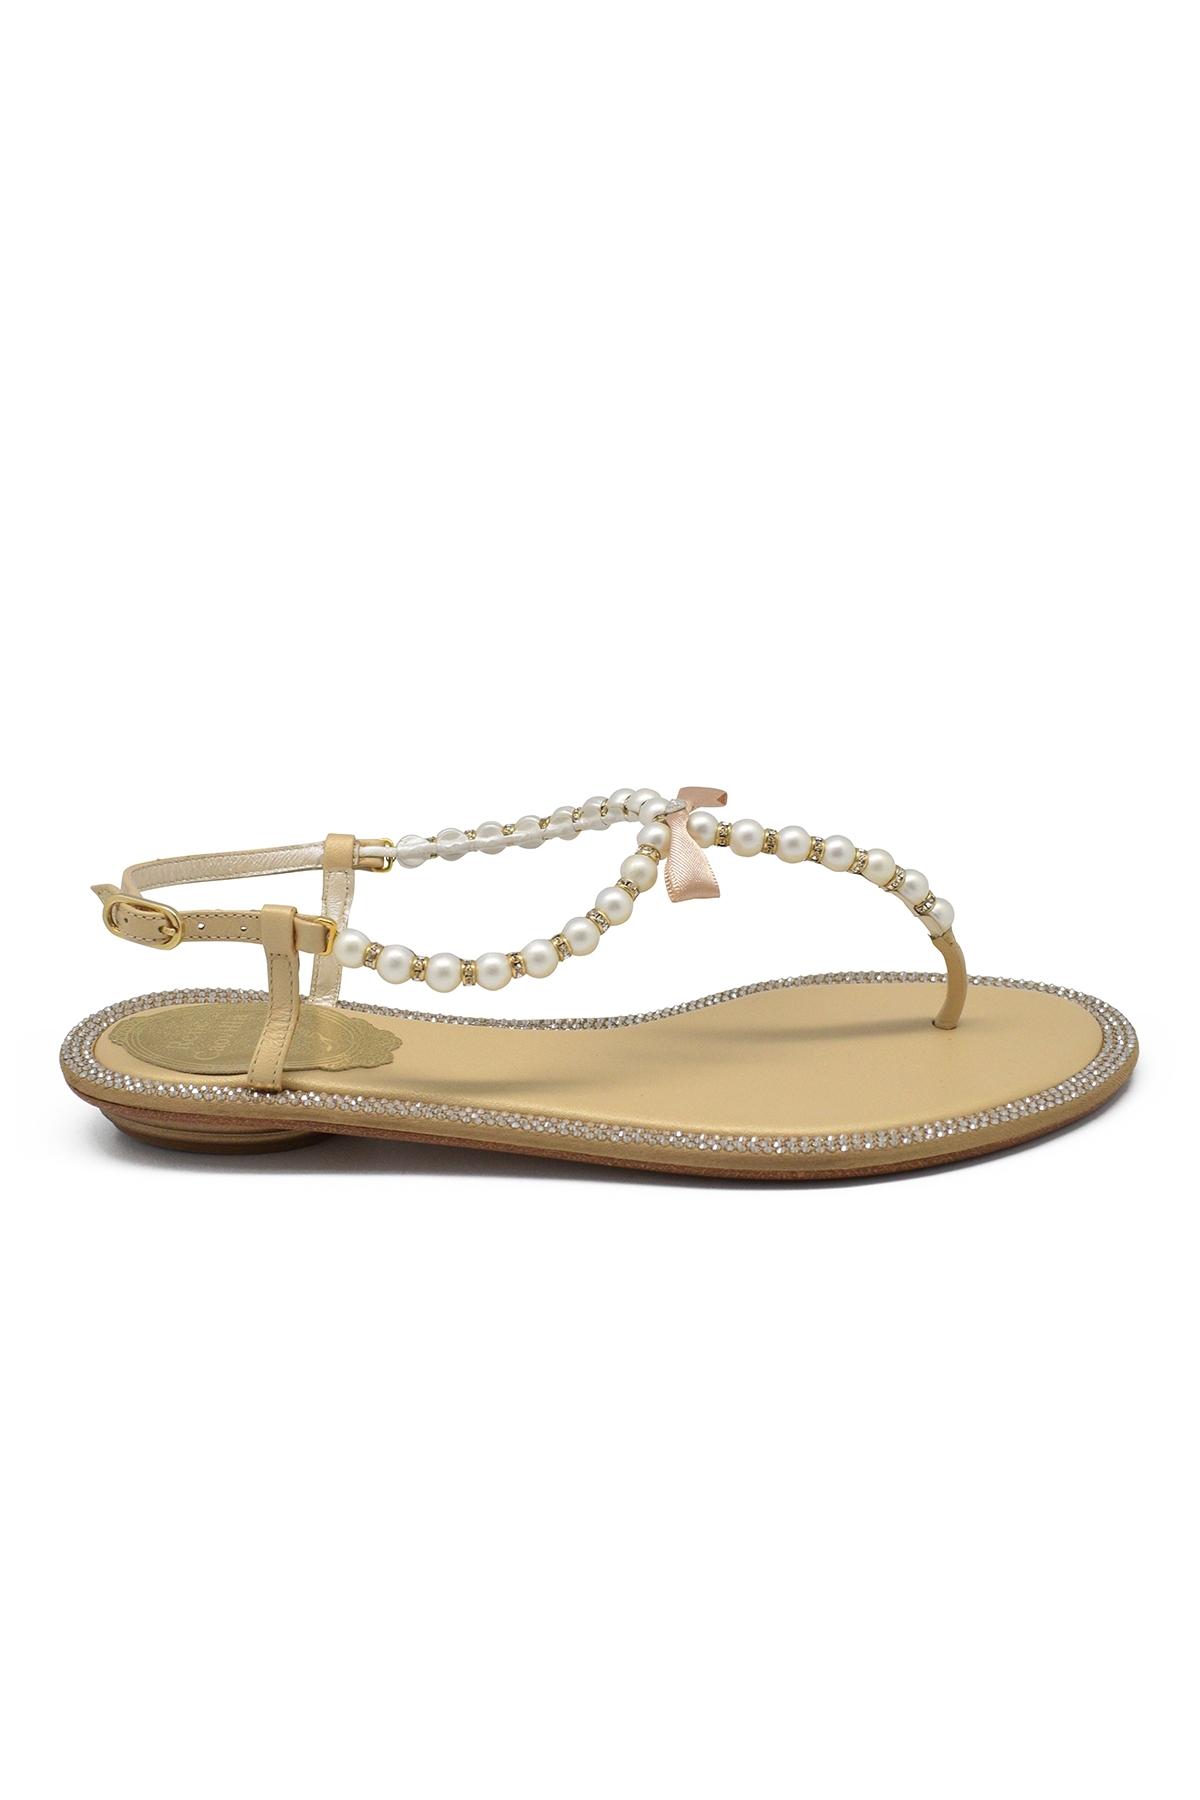 Sandales Rockstud Valentino en cuir blanc à petit talon avec clous laqués ton sur ton